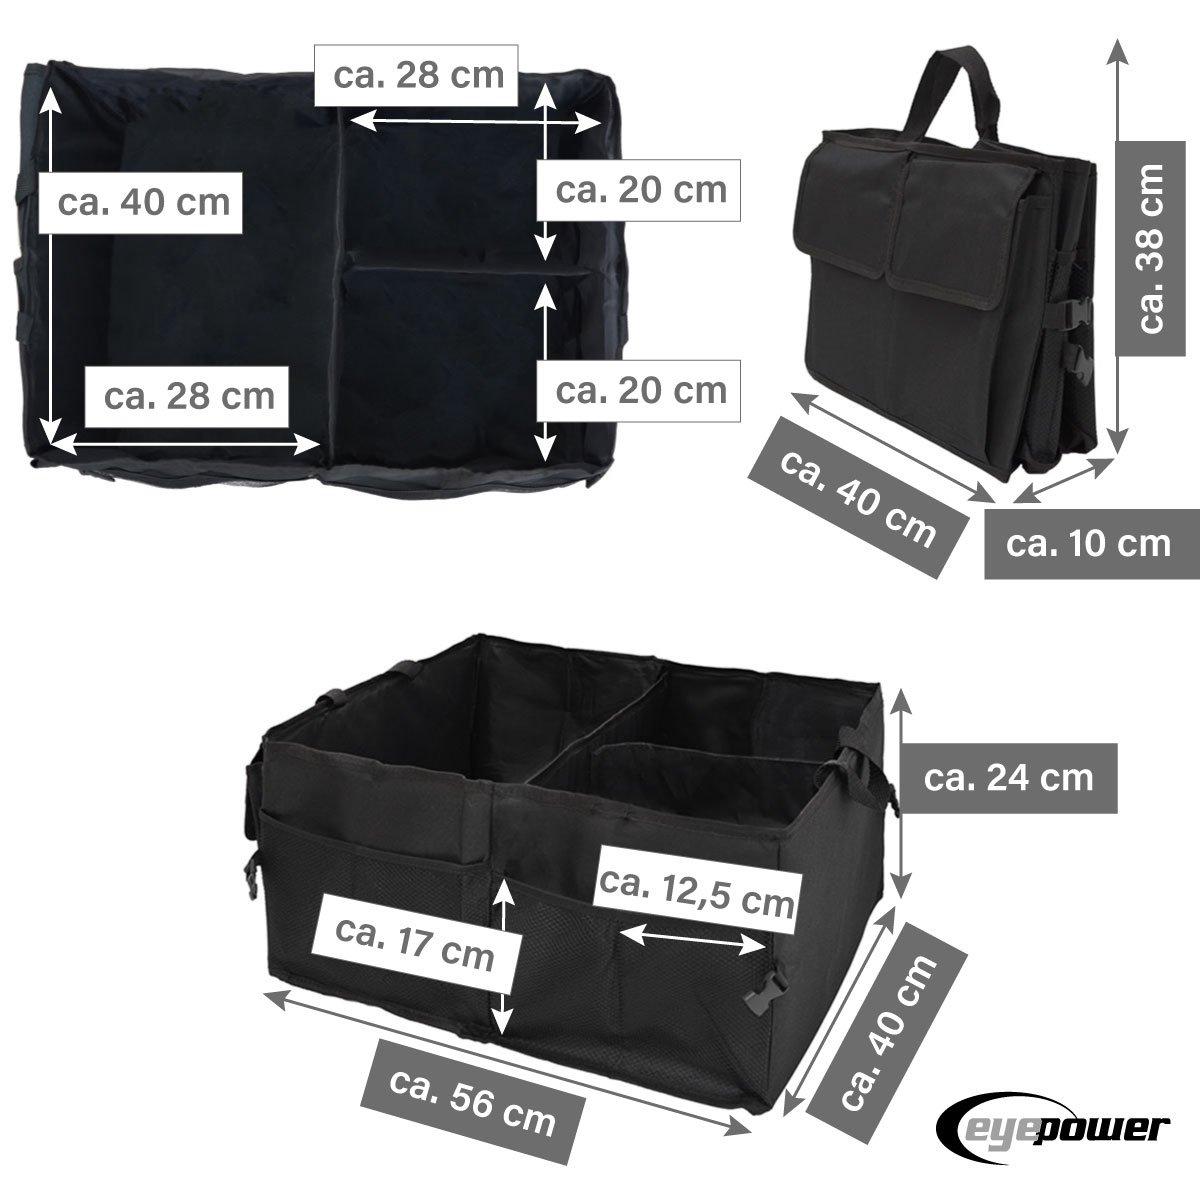 Eyepower Kofferraumtasche Auto Organizer 56x40x24 cm Autozubeh/ör Tasche Faltbare Kofferraum Aufbewahrungs-Box Schwarz